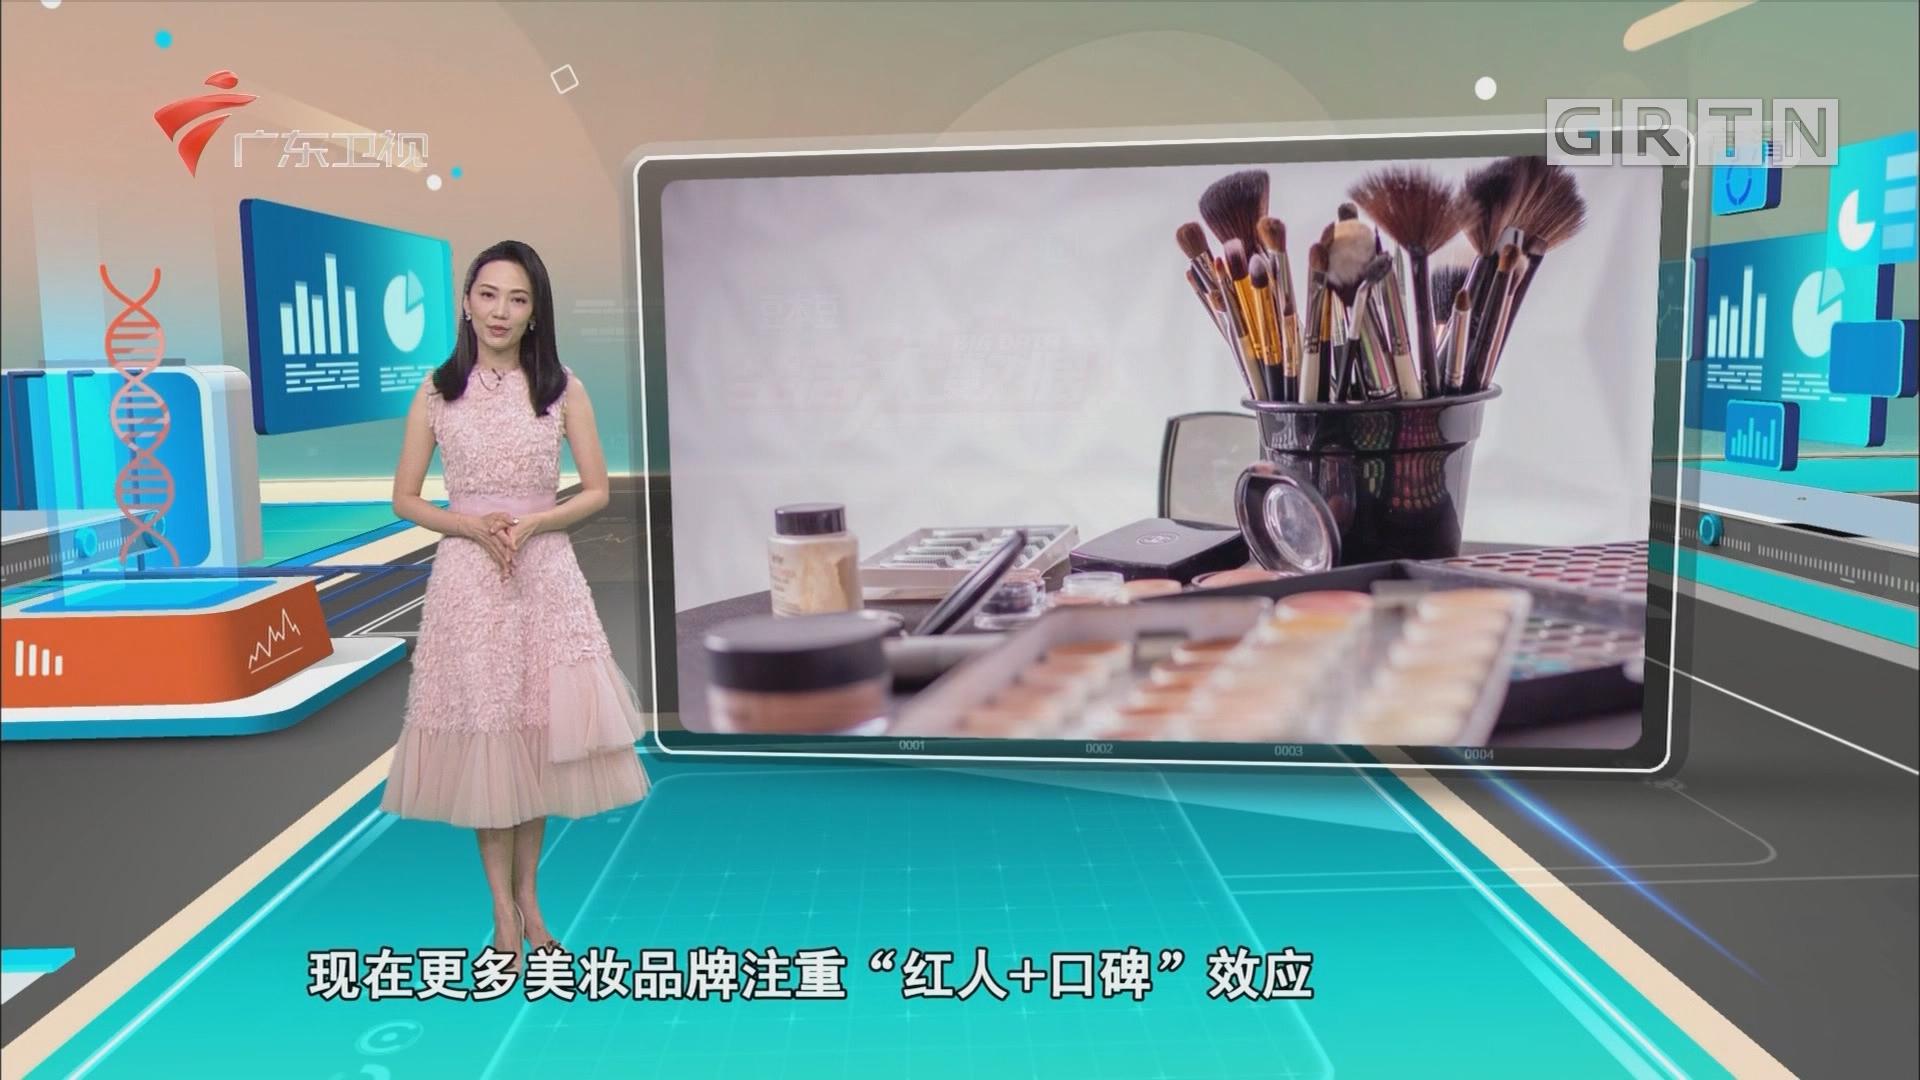 """更多美妆品牌注重""""红人+口碑""""效应"""